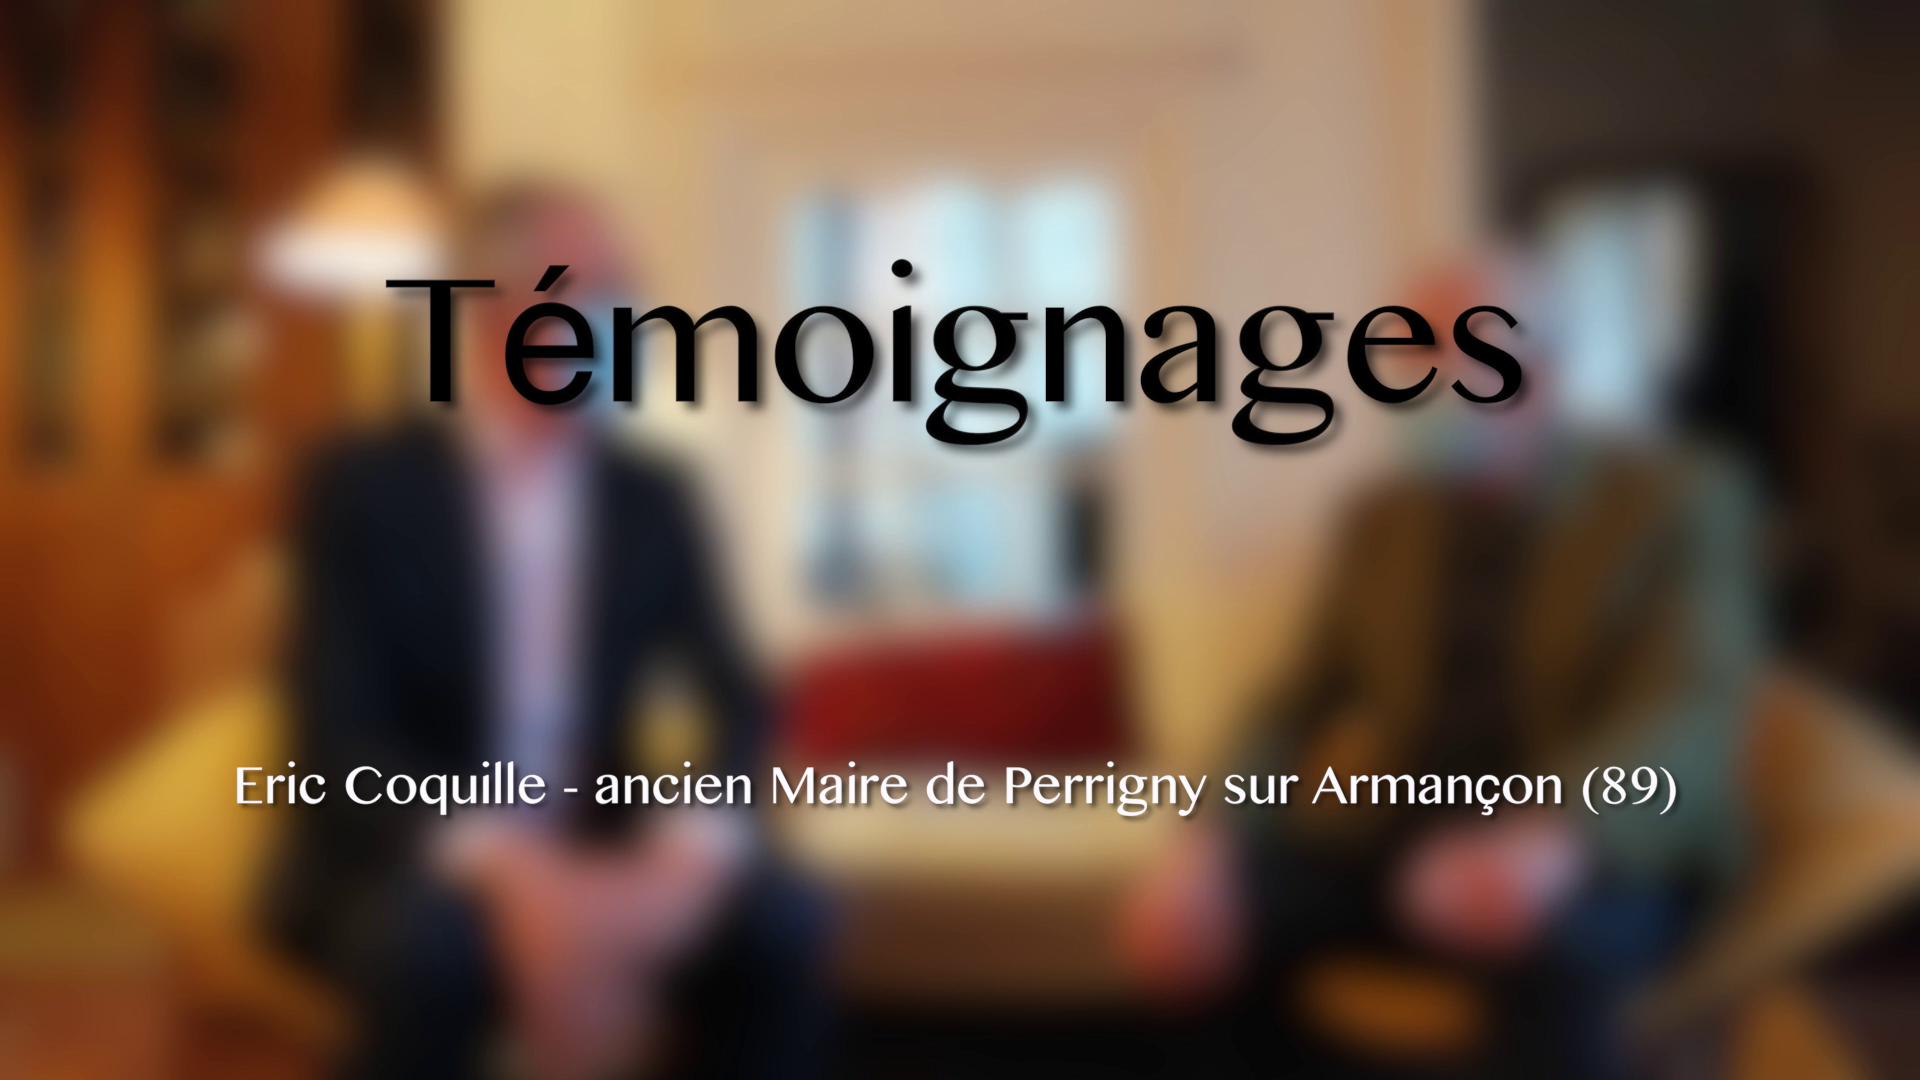 Eoliennes - Témoignage 2/4 - Eric Coquille - Ancien Maire de Perrigny-sur-Armançon